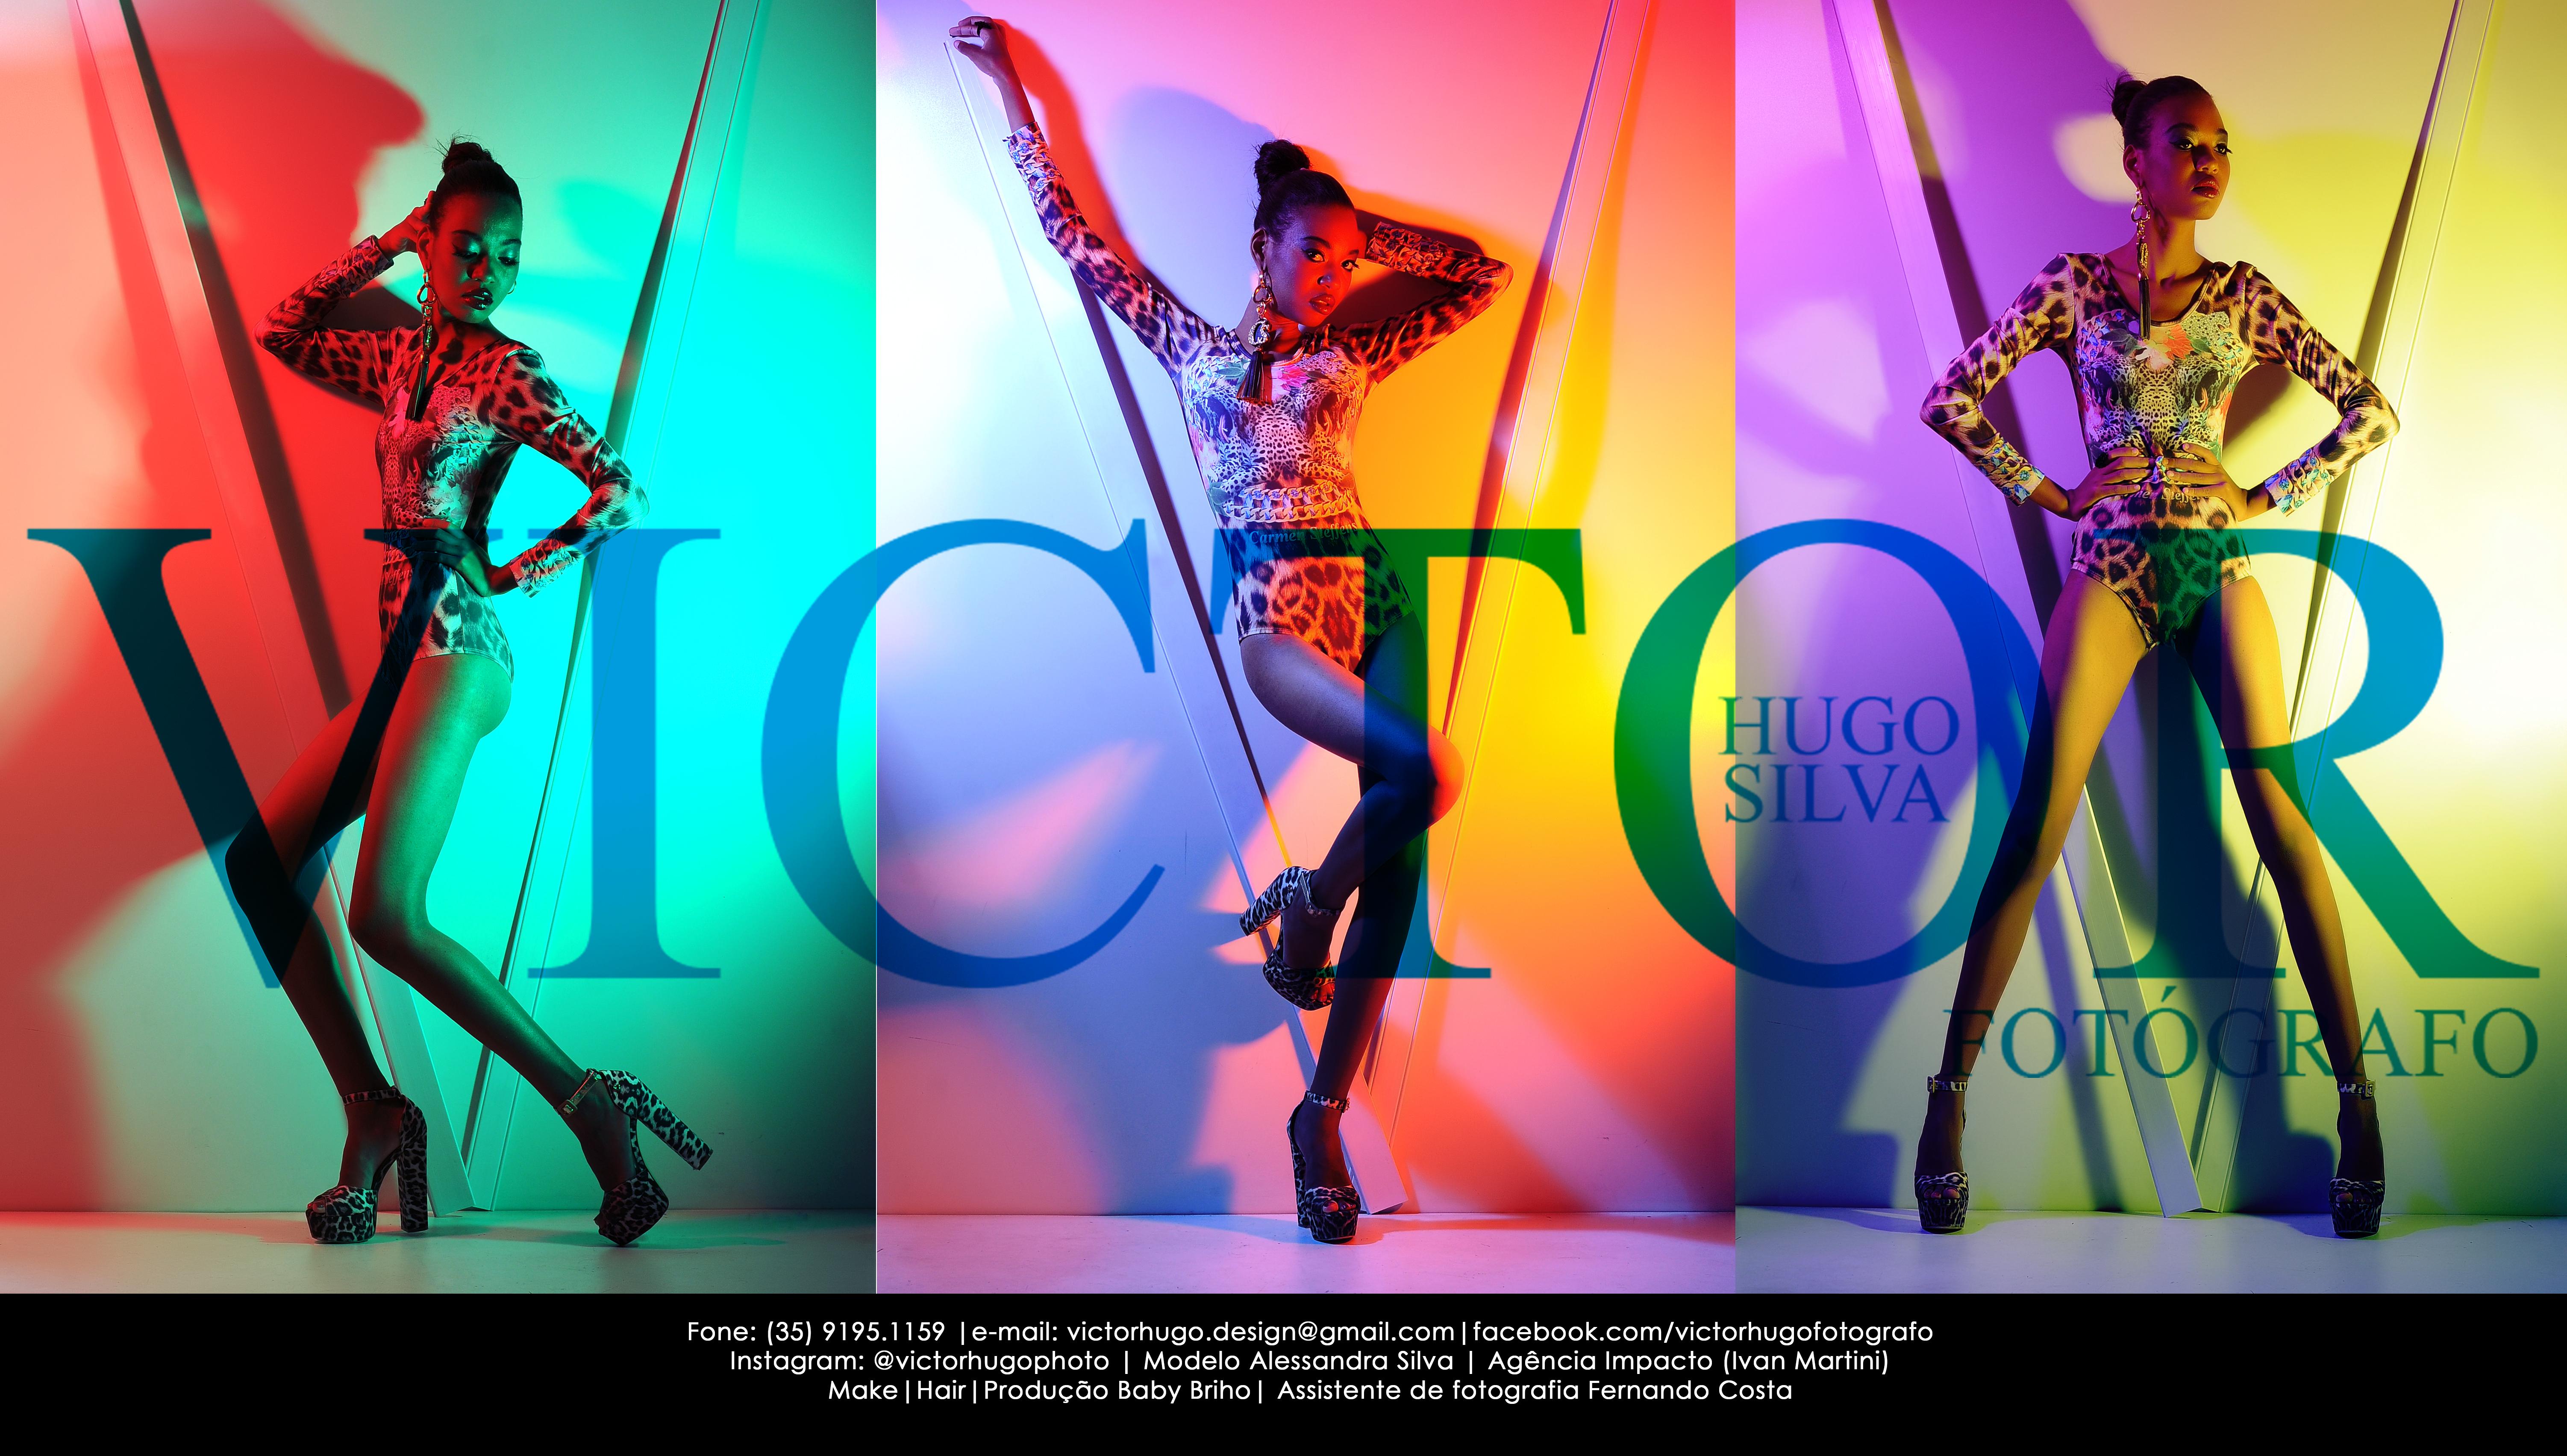 Campanha Studio Victor Hugo Silva